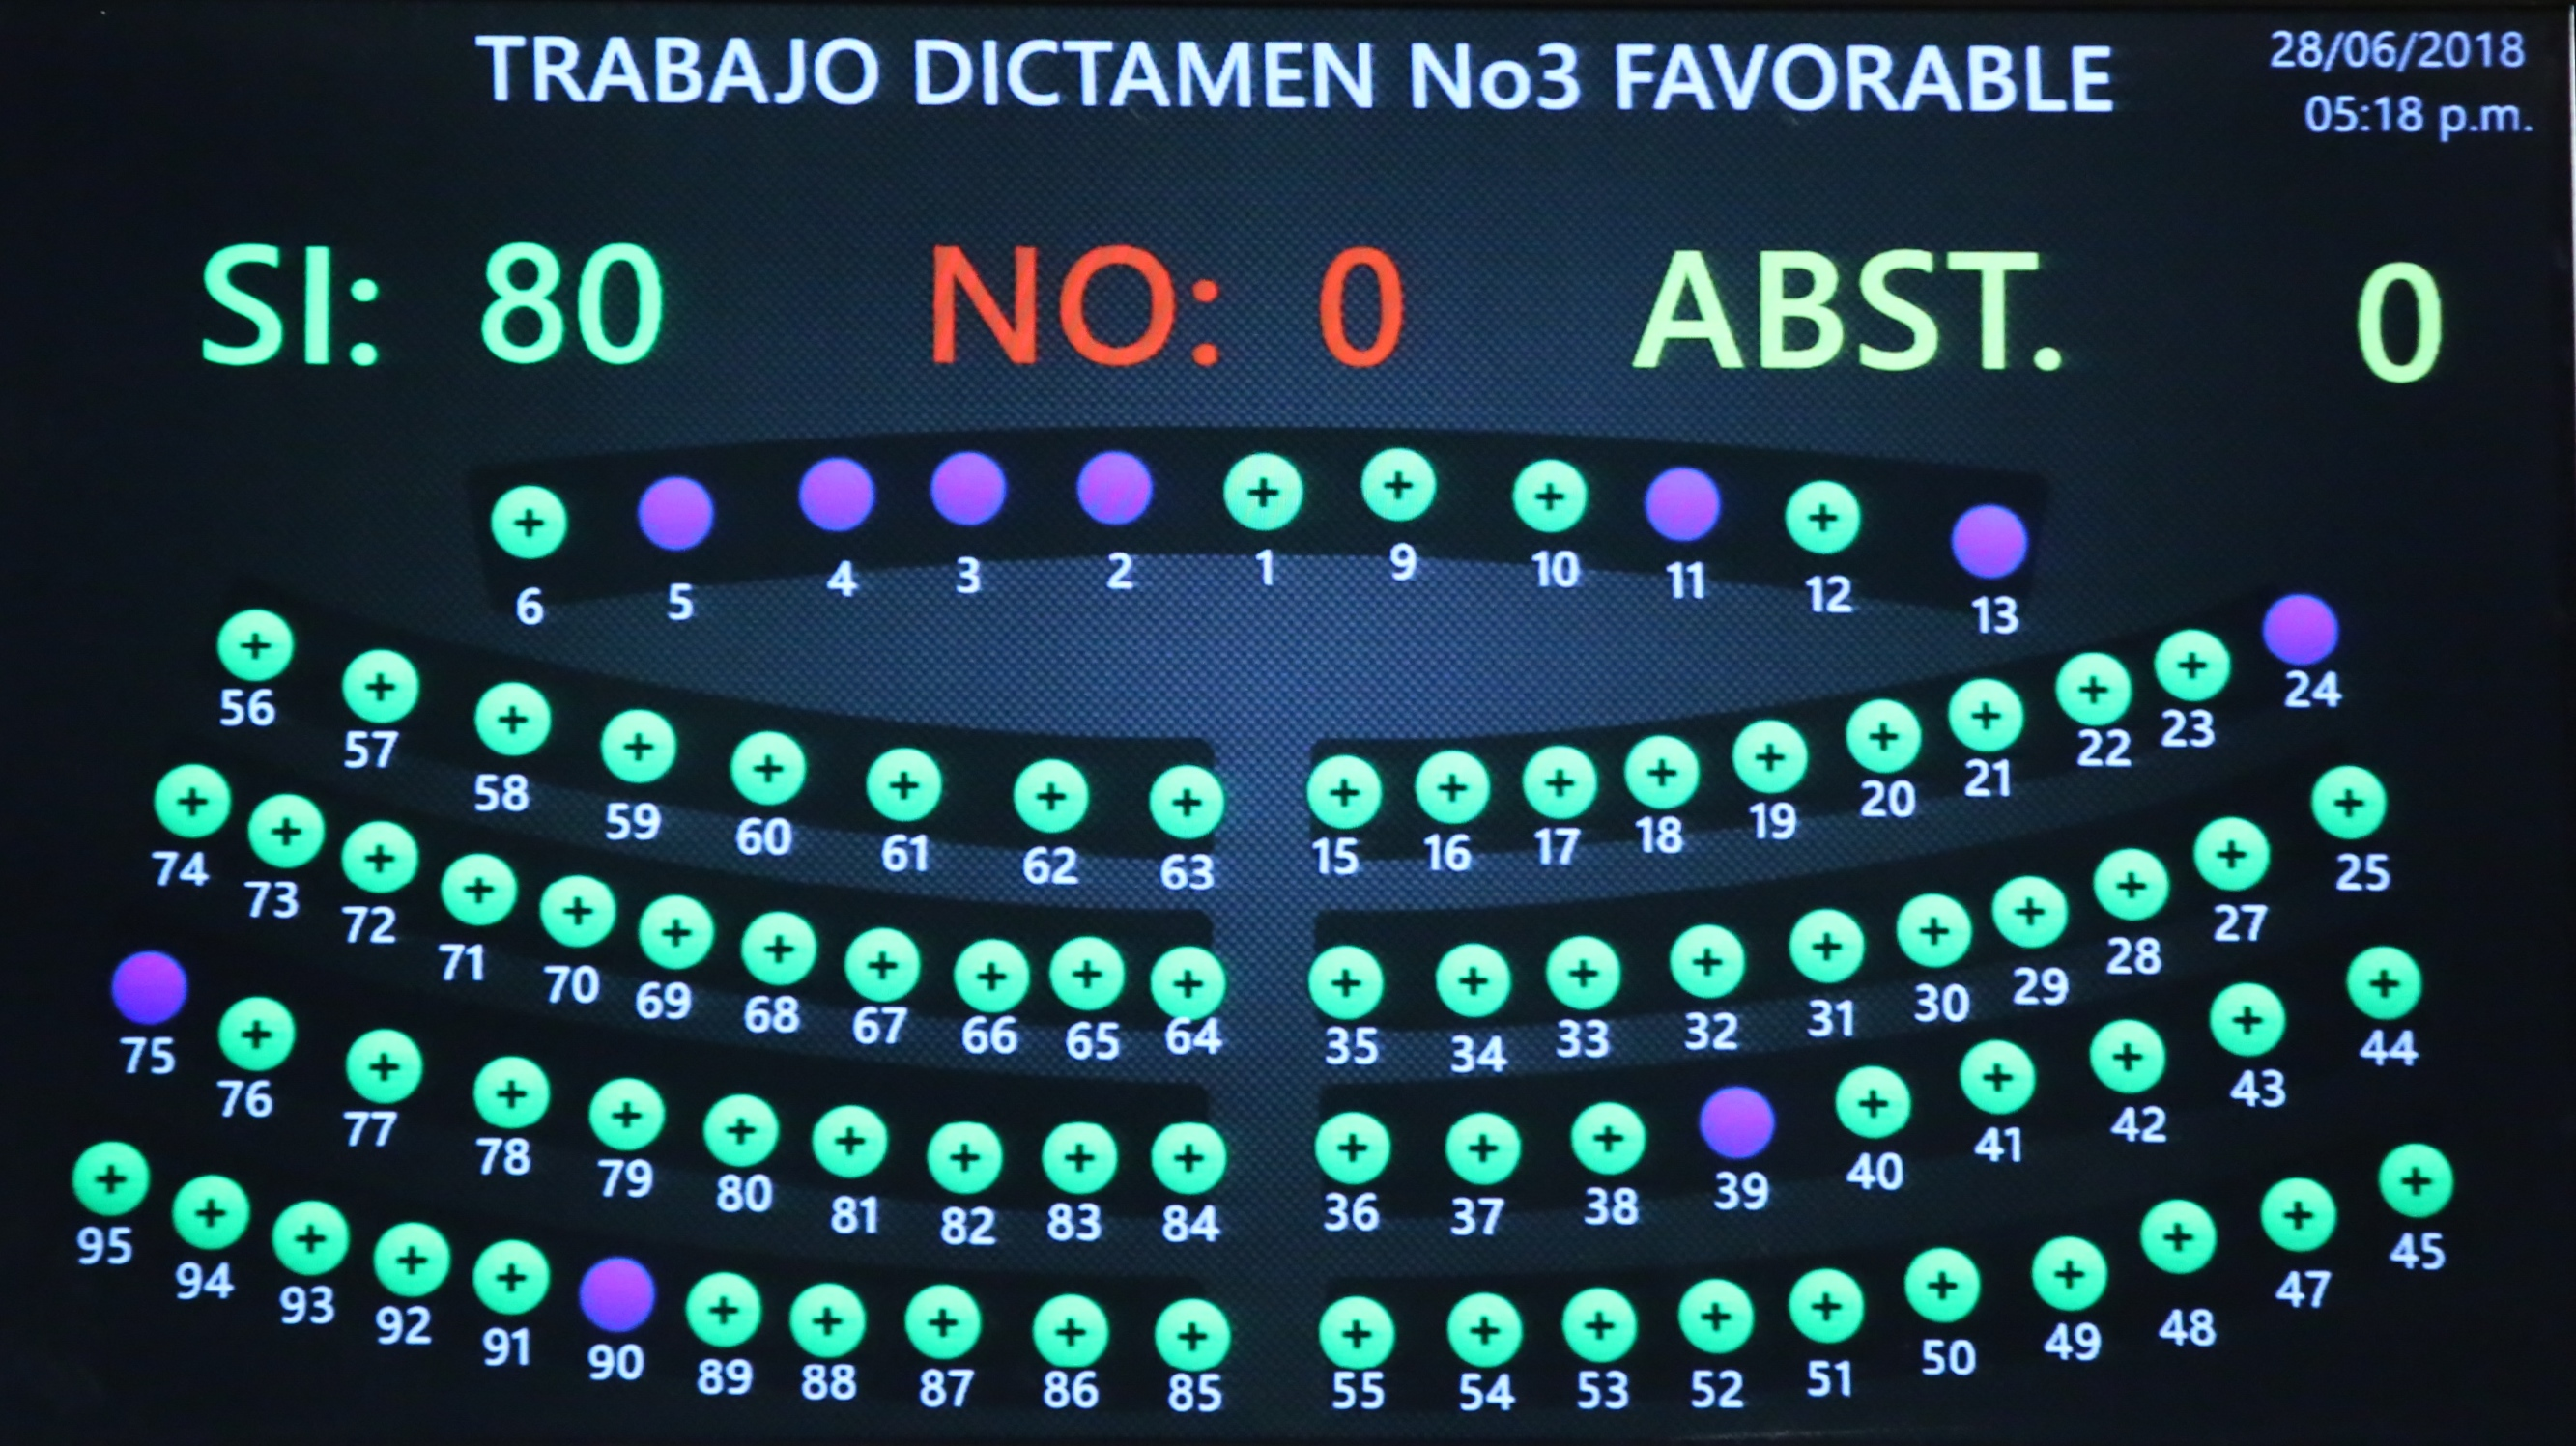 Legisladores abogan por estabilidad laboral de las mujeres posparto